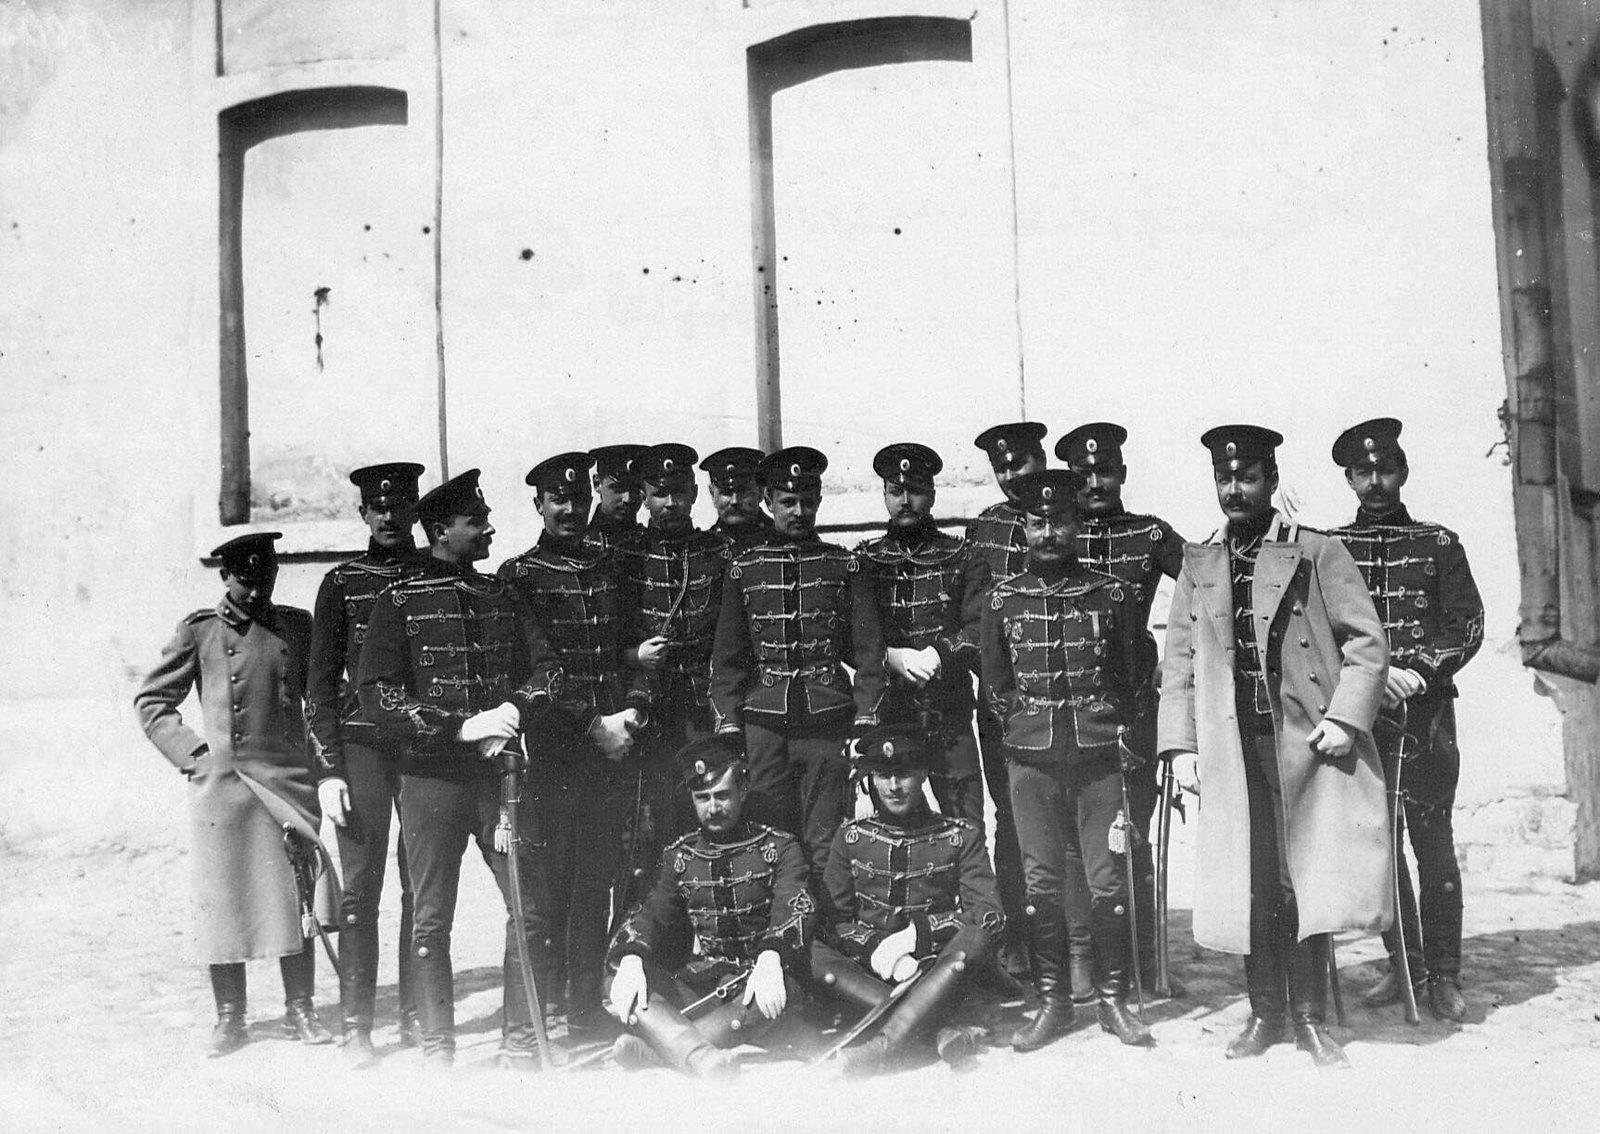 1900-е. Группа офицеров лейб-гвардии Гусарского Его Величества полка